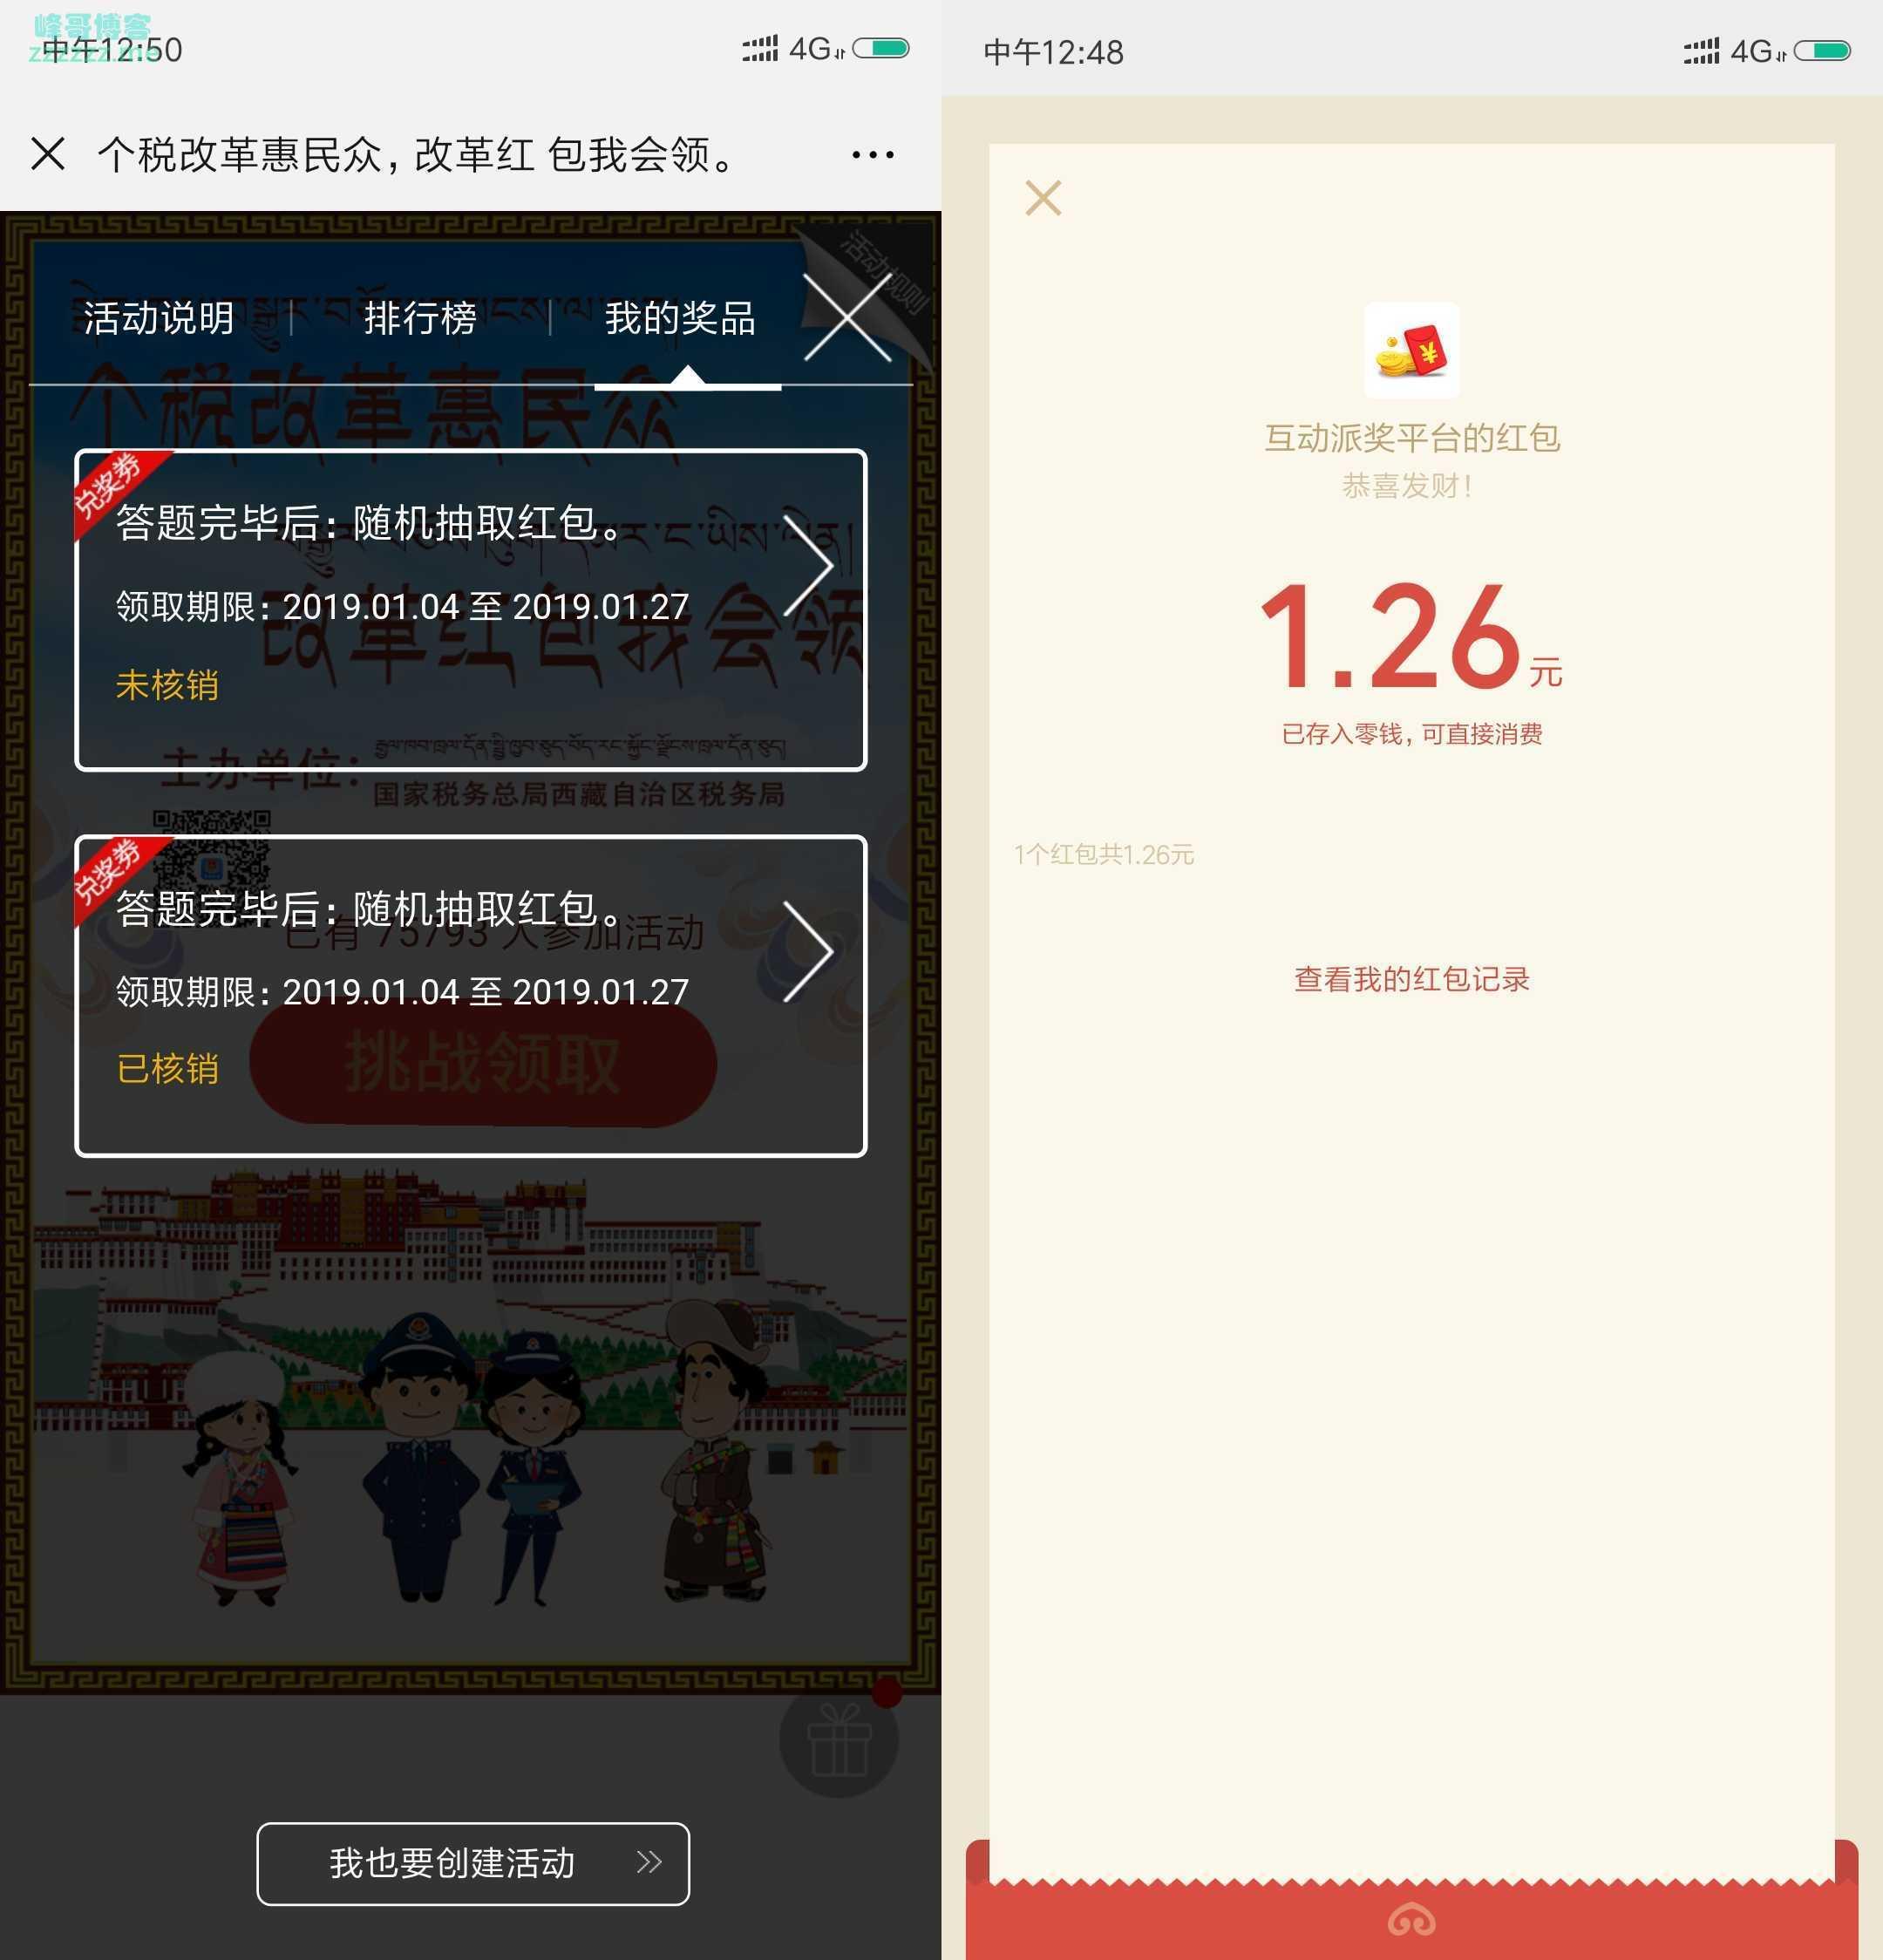 微信西藏税务凡科答题BUG大水亲测中2个红包!